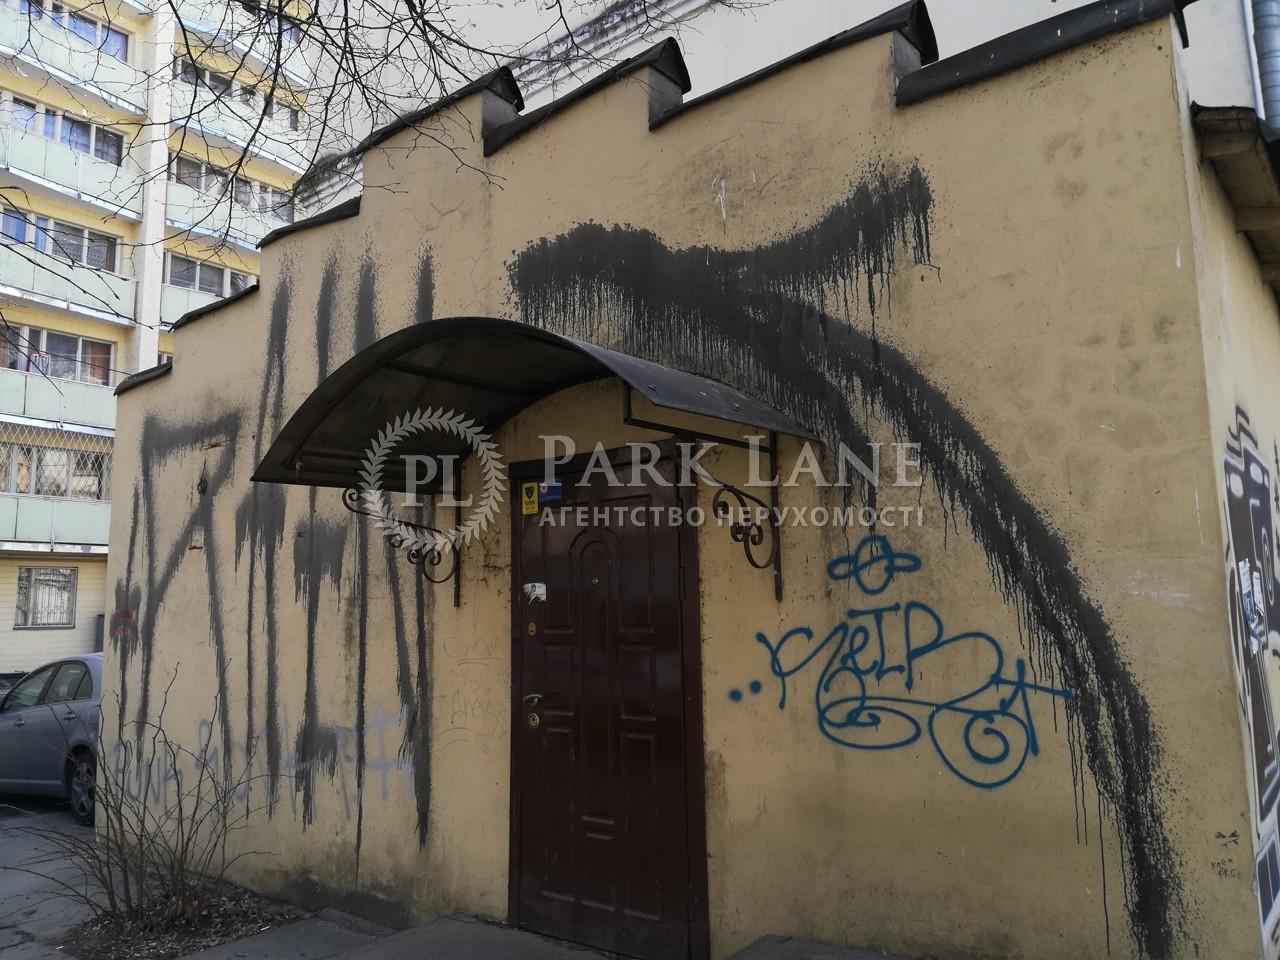 Нежитлове приміщення, вул. Дмитрівська, Київ, K-27702 - Фото 7